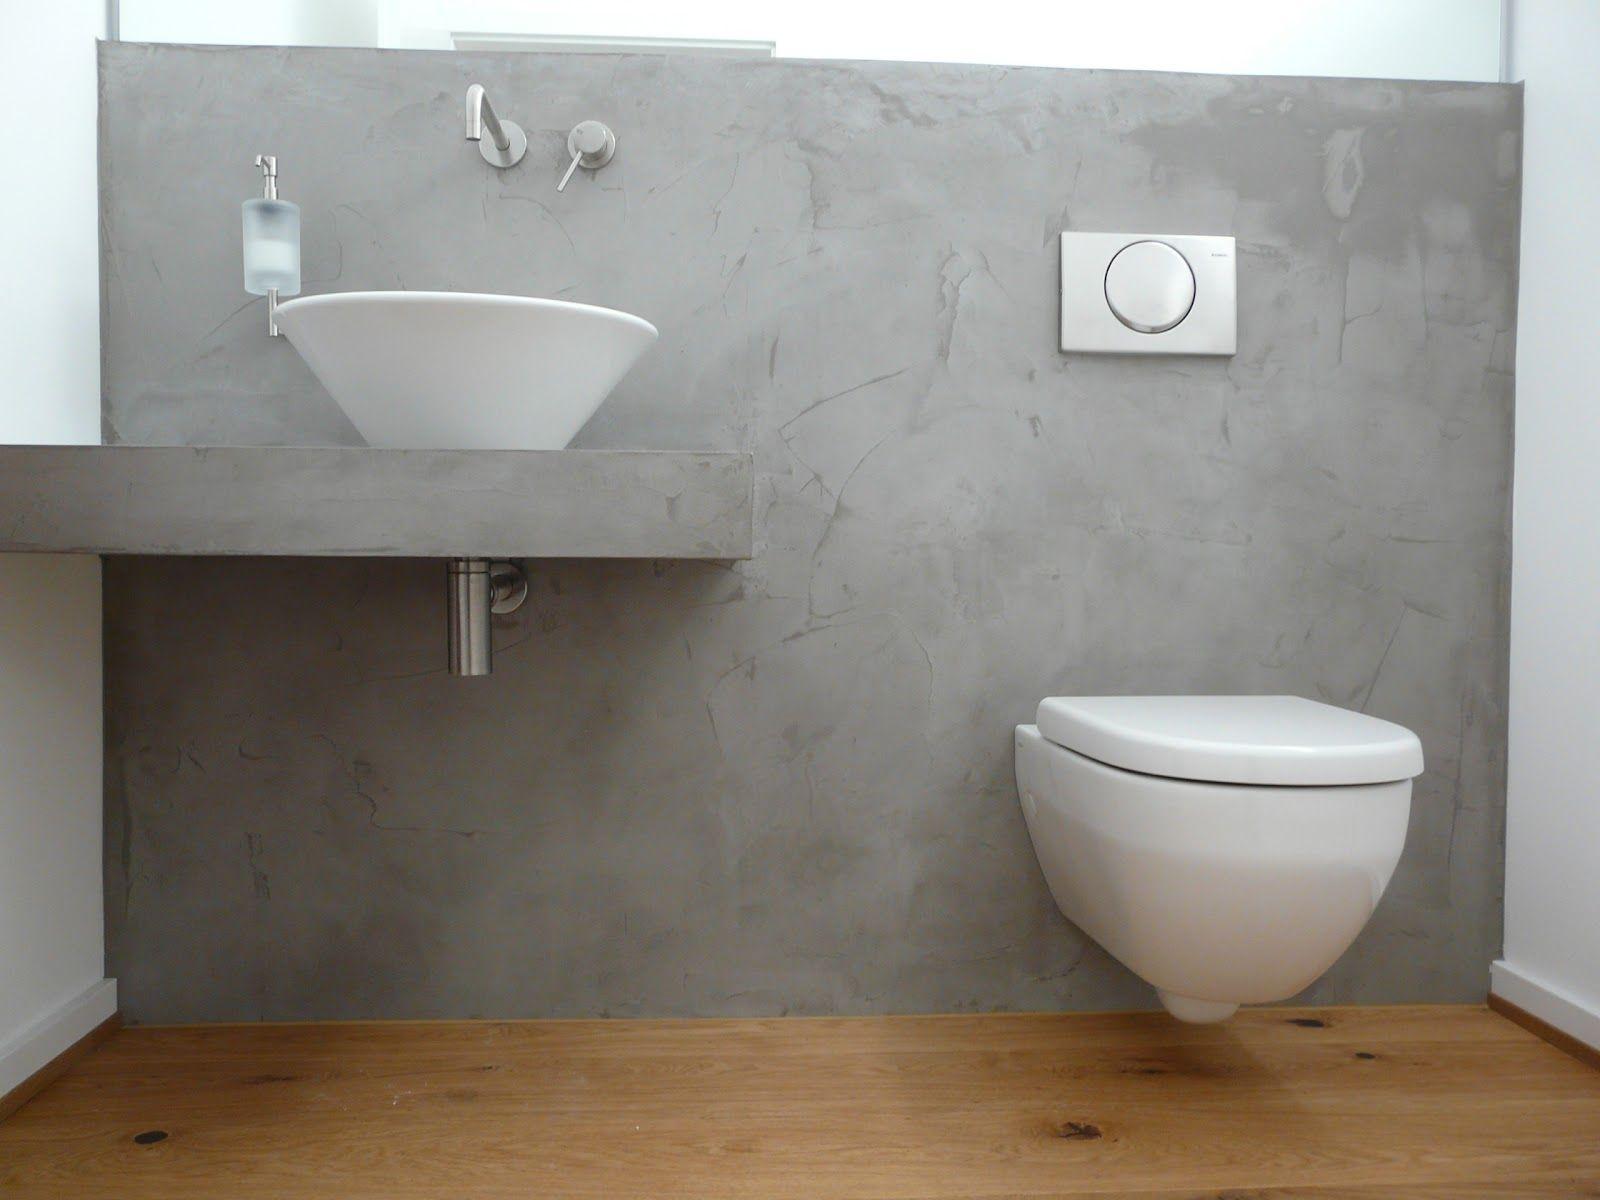 Beton Cire Beton Floor Preise Betonoptik Microtopping Kosten Kaufen Preise Verarbeitung Fugenlose Boden Microz Betonoptik Beton Putz Beton Badezimmer